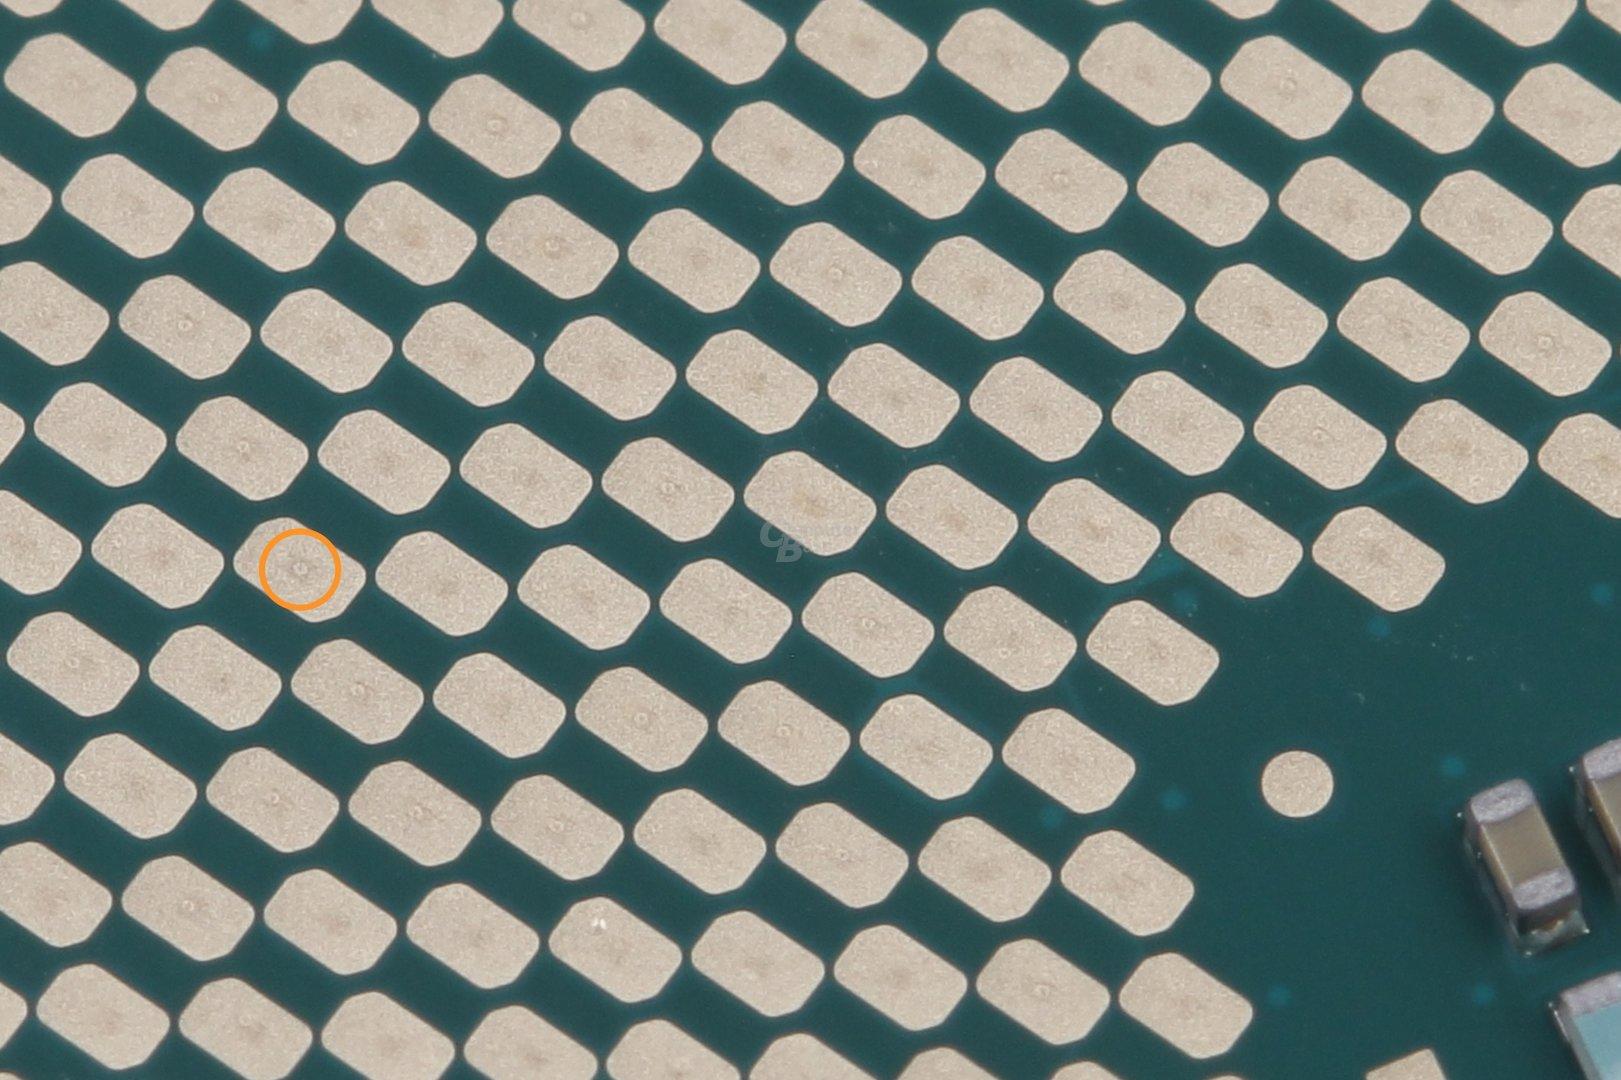 Vom Sockel abgegriffene Kontaktflächen zeigen leichte Spuren